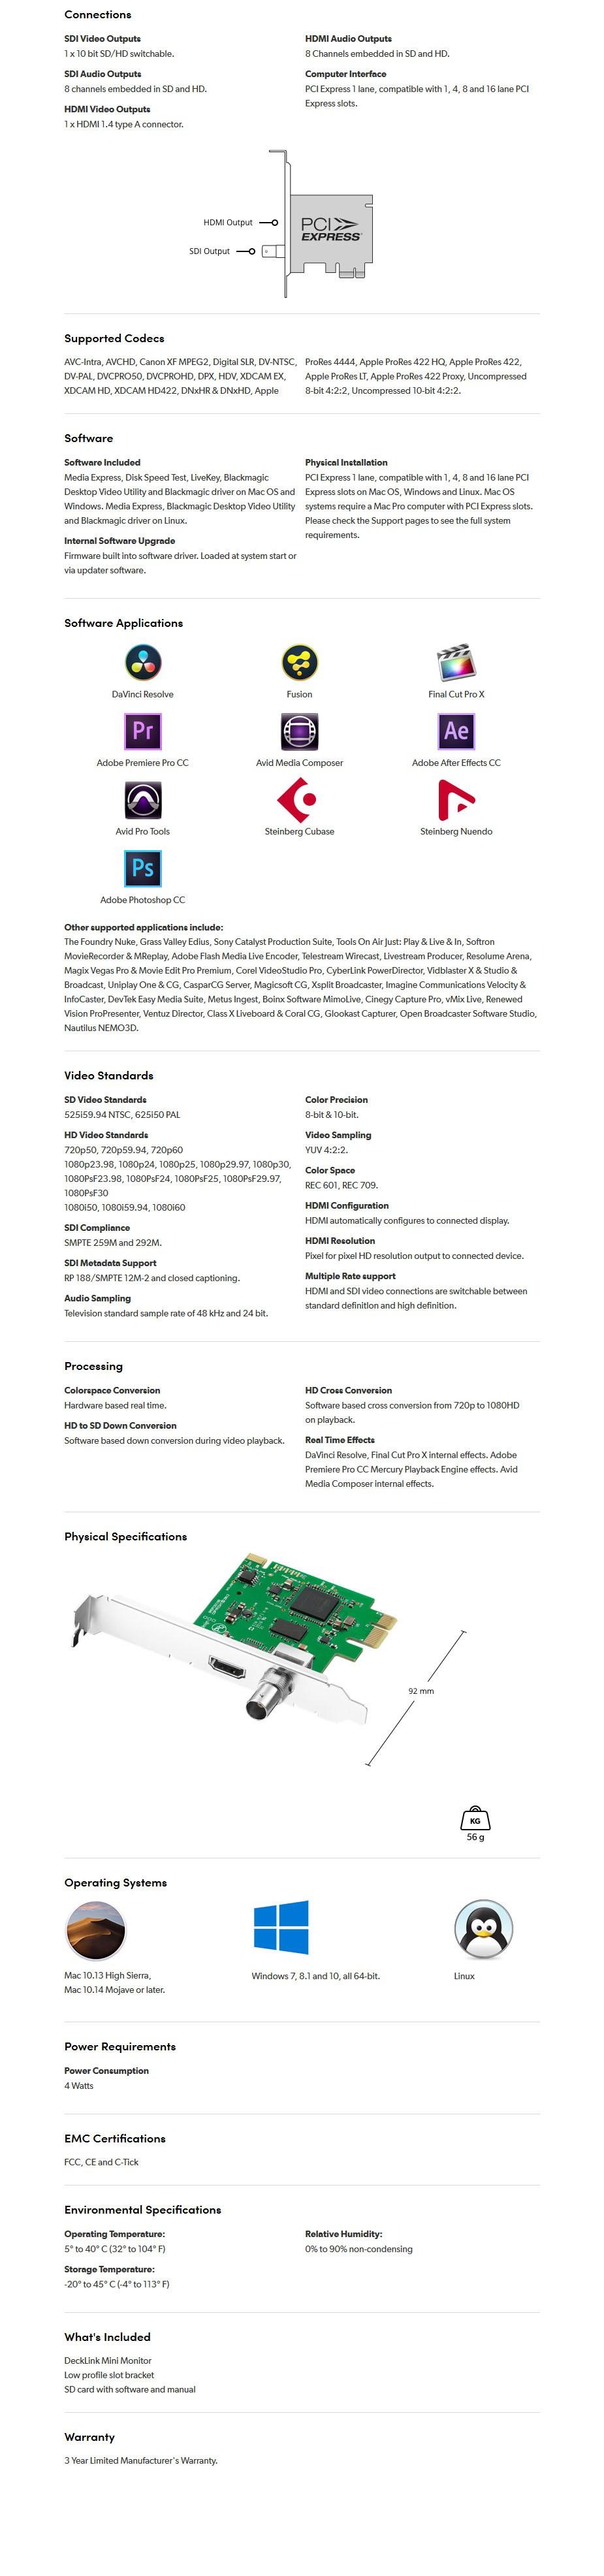 Blackmagic Design DeckLink 1080p30 Mini Monitor - Overview 1